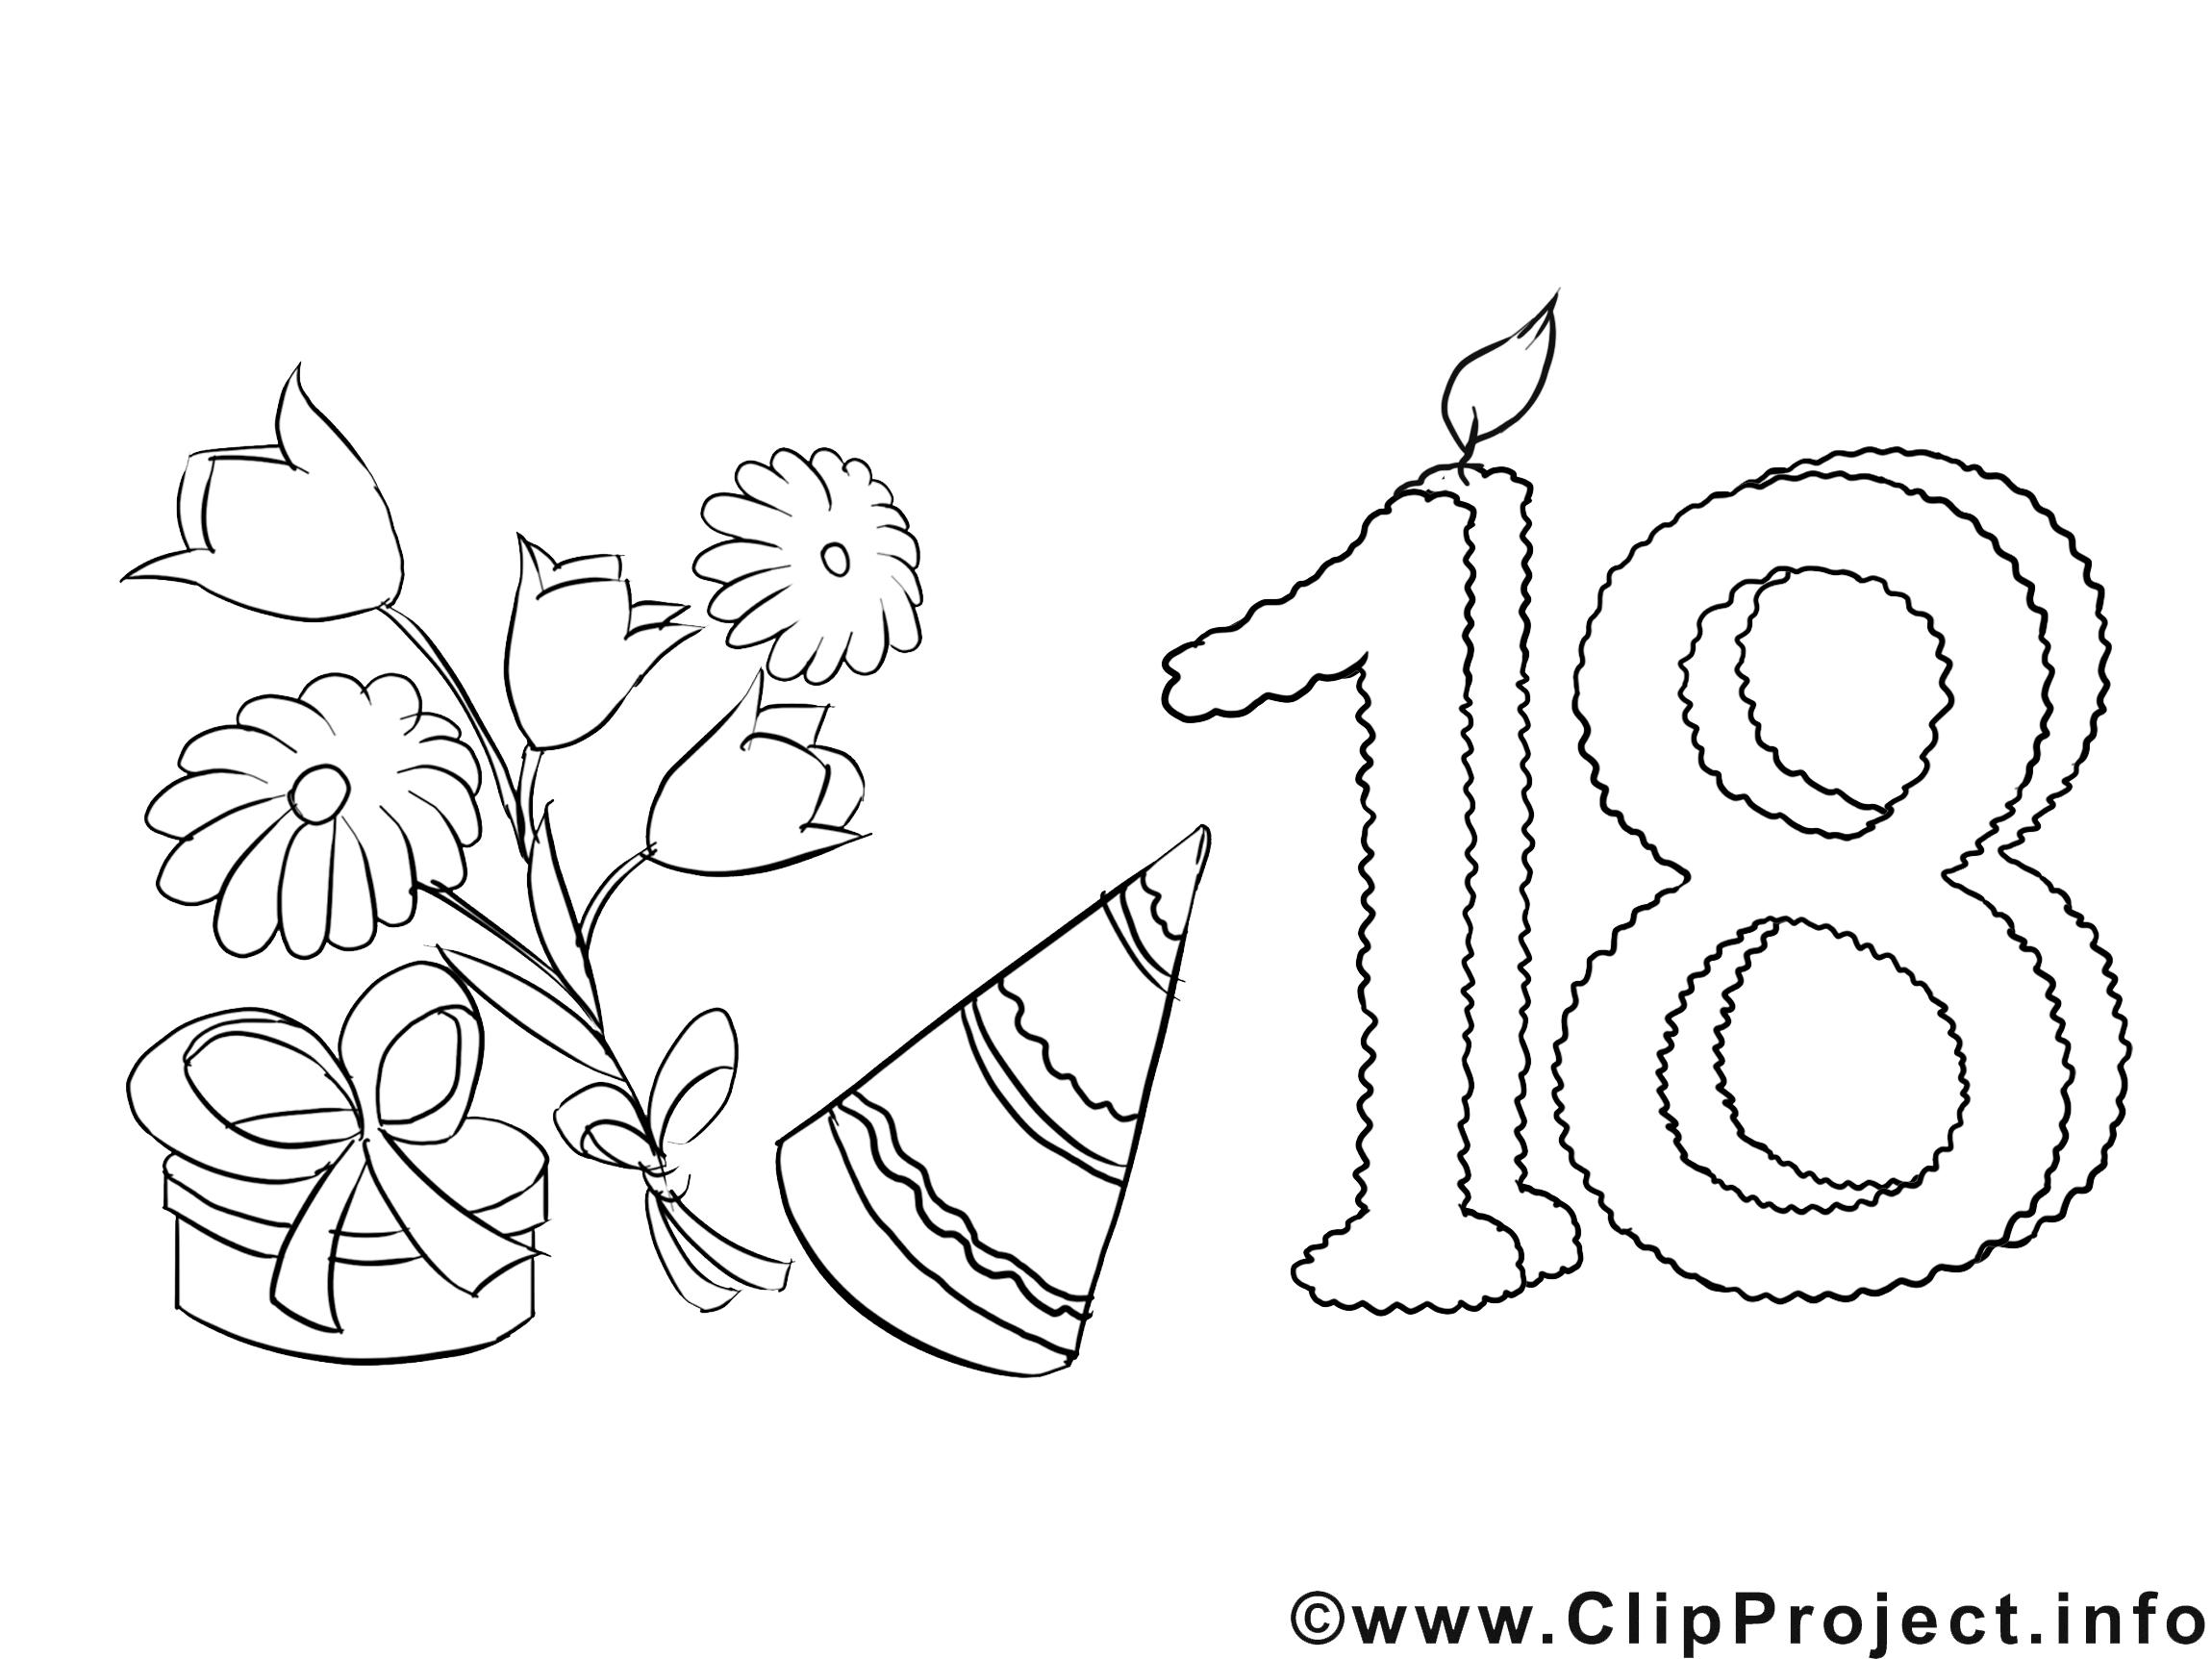 Ausmalbilder Geburtstag : Ausmalbilder Zum 18 Geburtstag 01 Ausmalbilder Pinterest